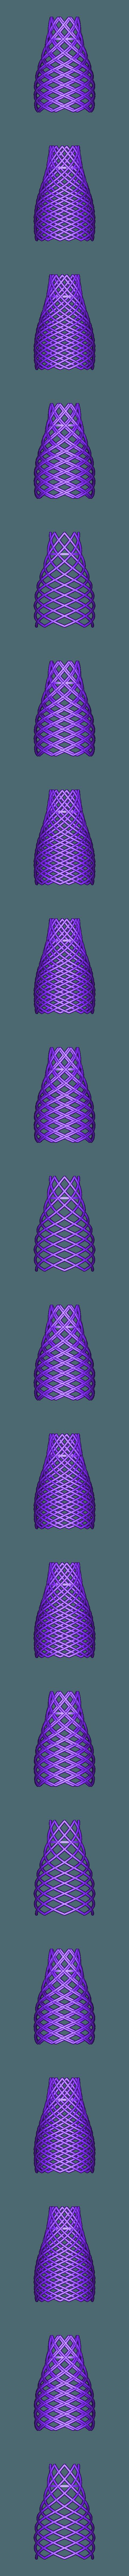 Abat-Jour_E27_D40mm.stl Télécharger fichier STL gratuit Abat-Jour • Design pour imprimante 3D, 3Ddesign974